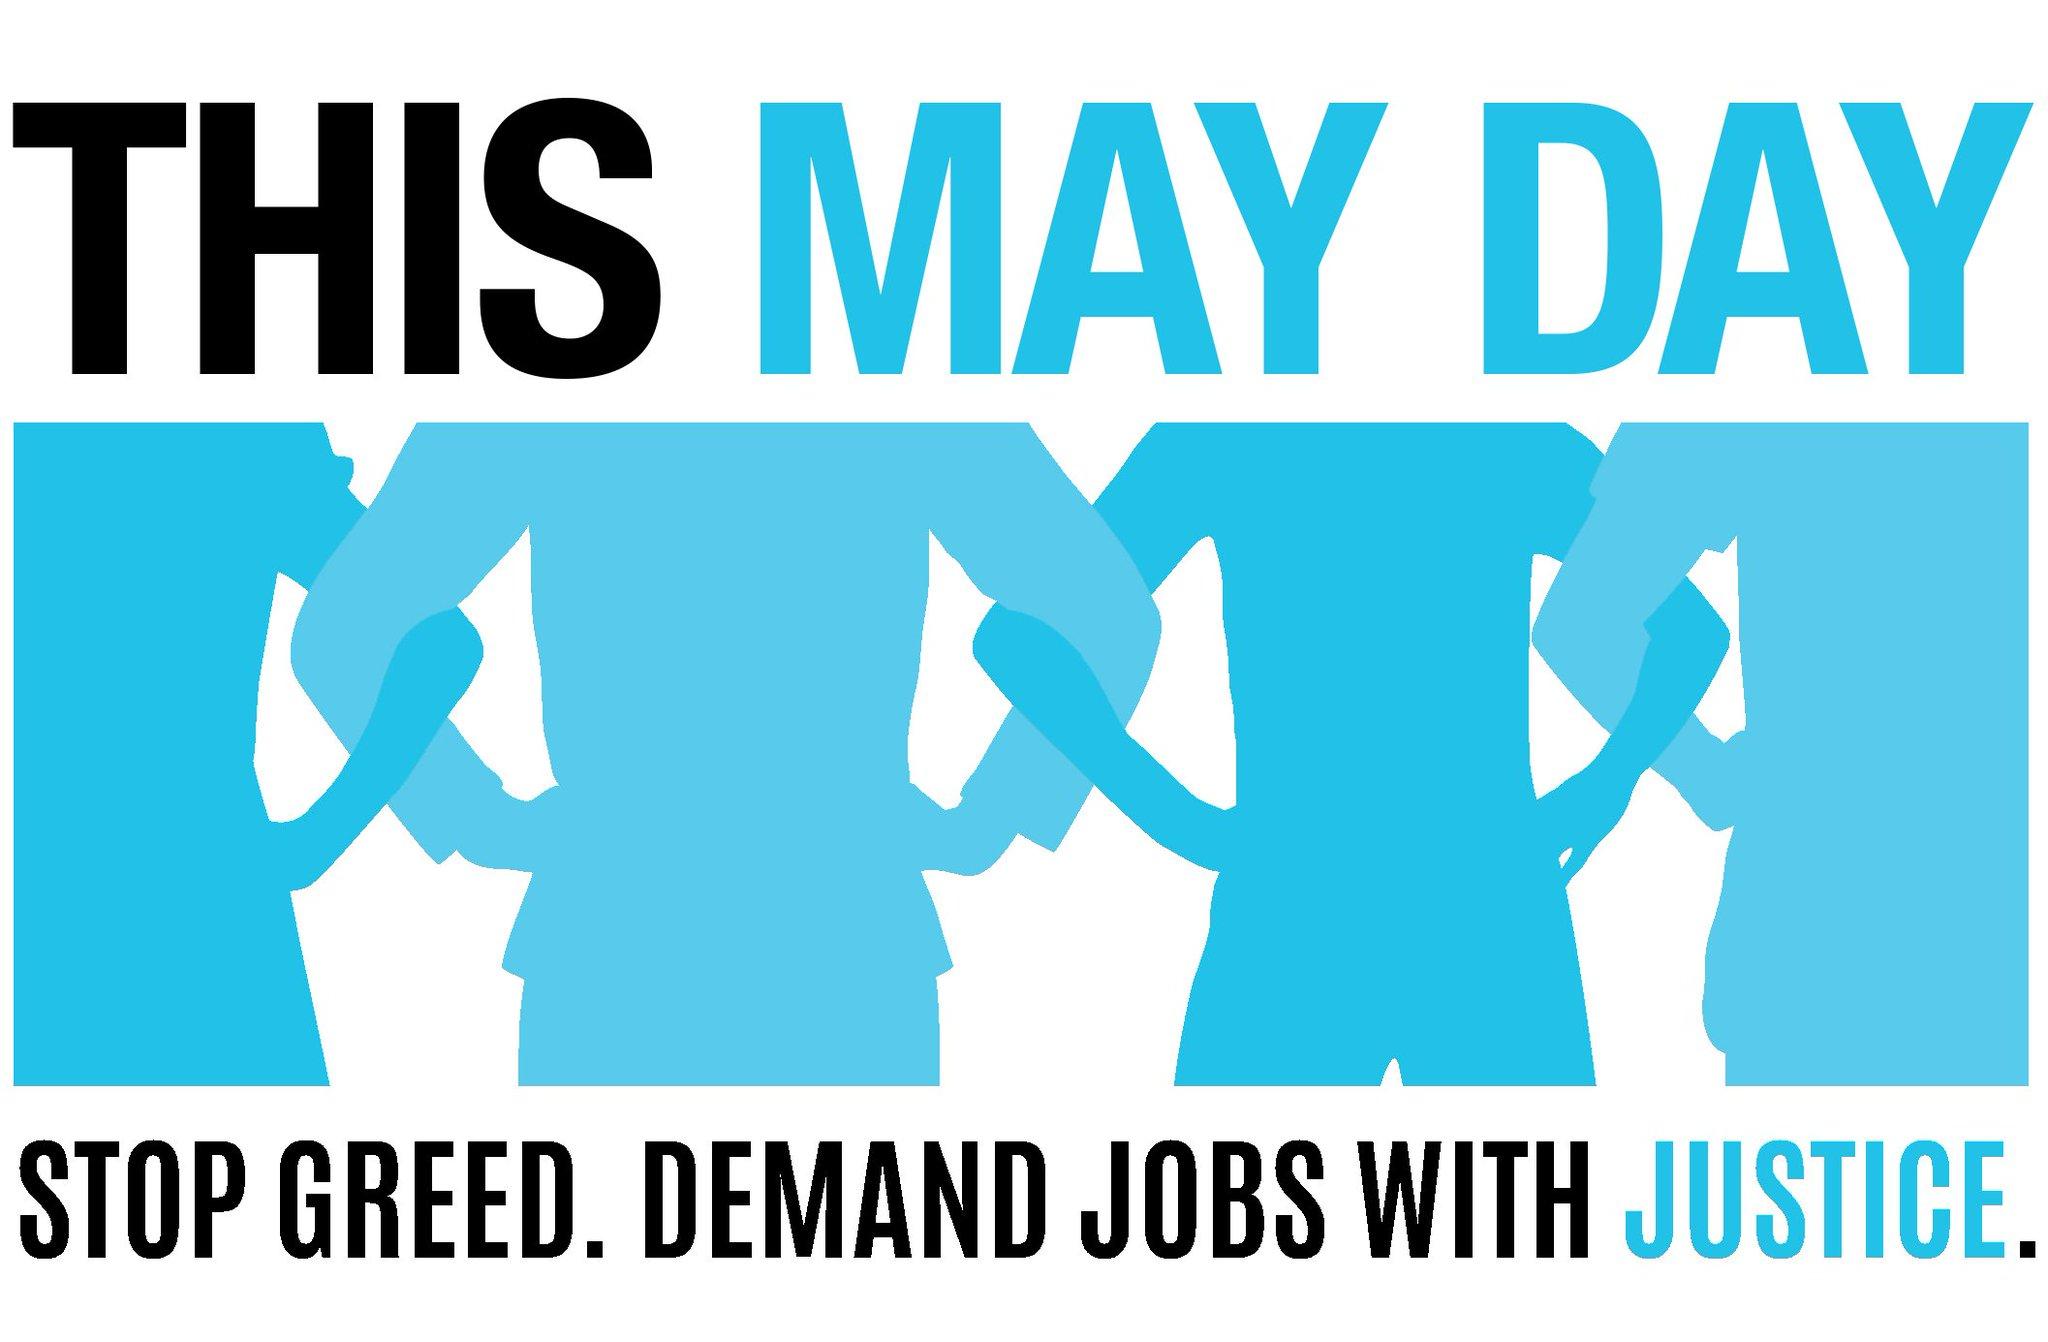 Thumbnail for CJA Wrap Up May 1 - May 7